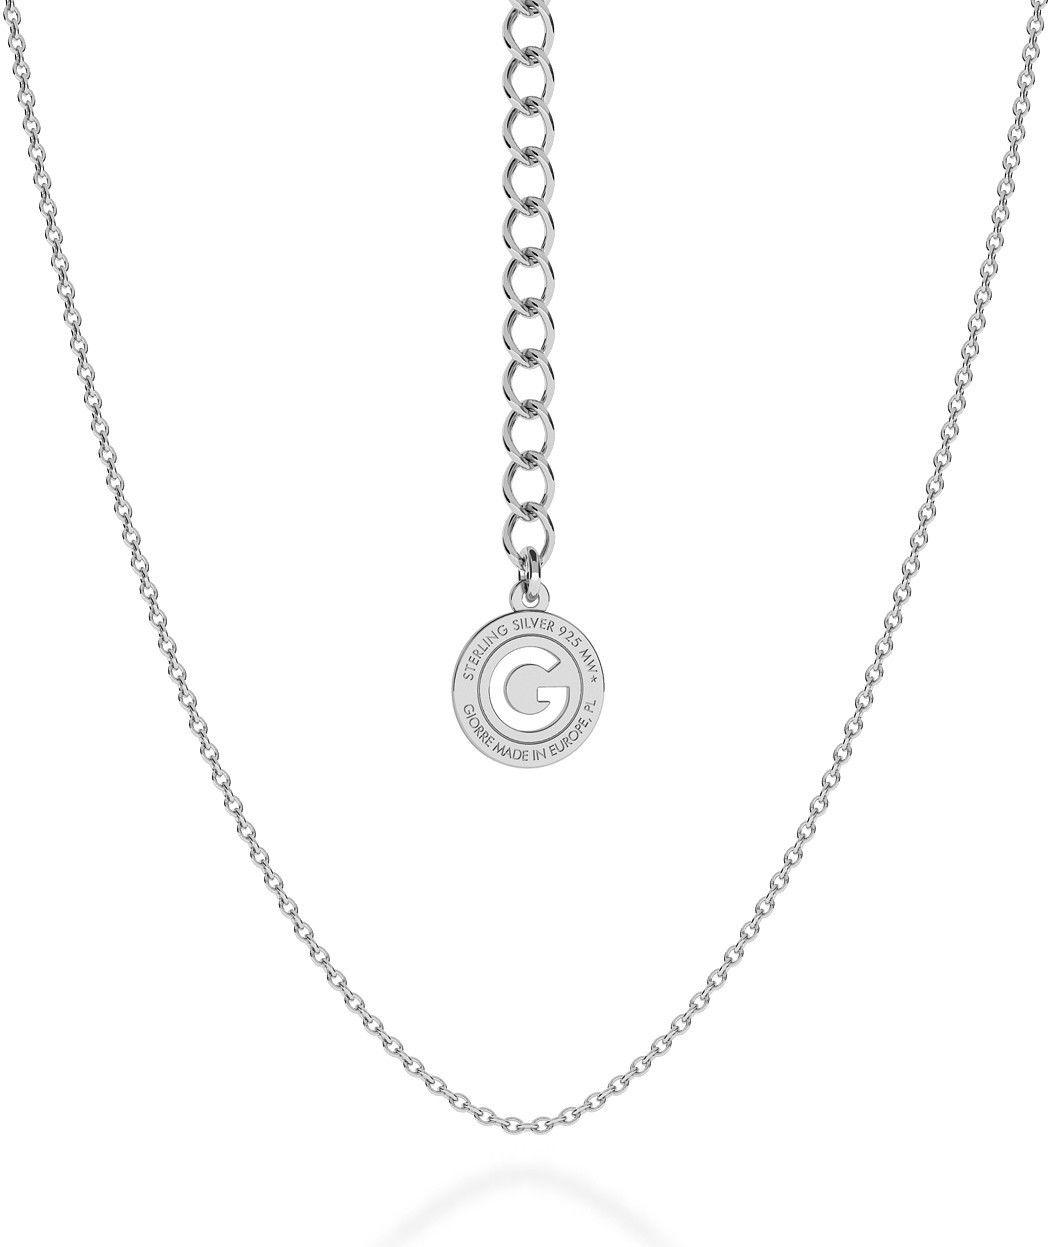 Srebrny delikatny łańcuszek ankier, srebro 925 : Długość (cm) - 40 + 5 , Srebro - kolor pokrycia - Pokrycie żółtym 18K złotem